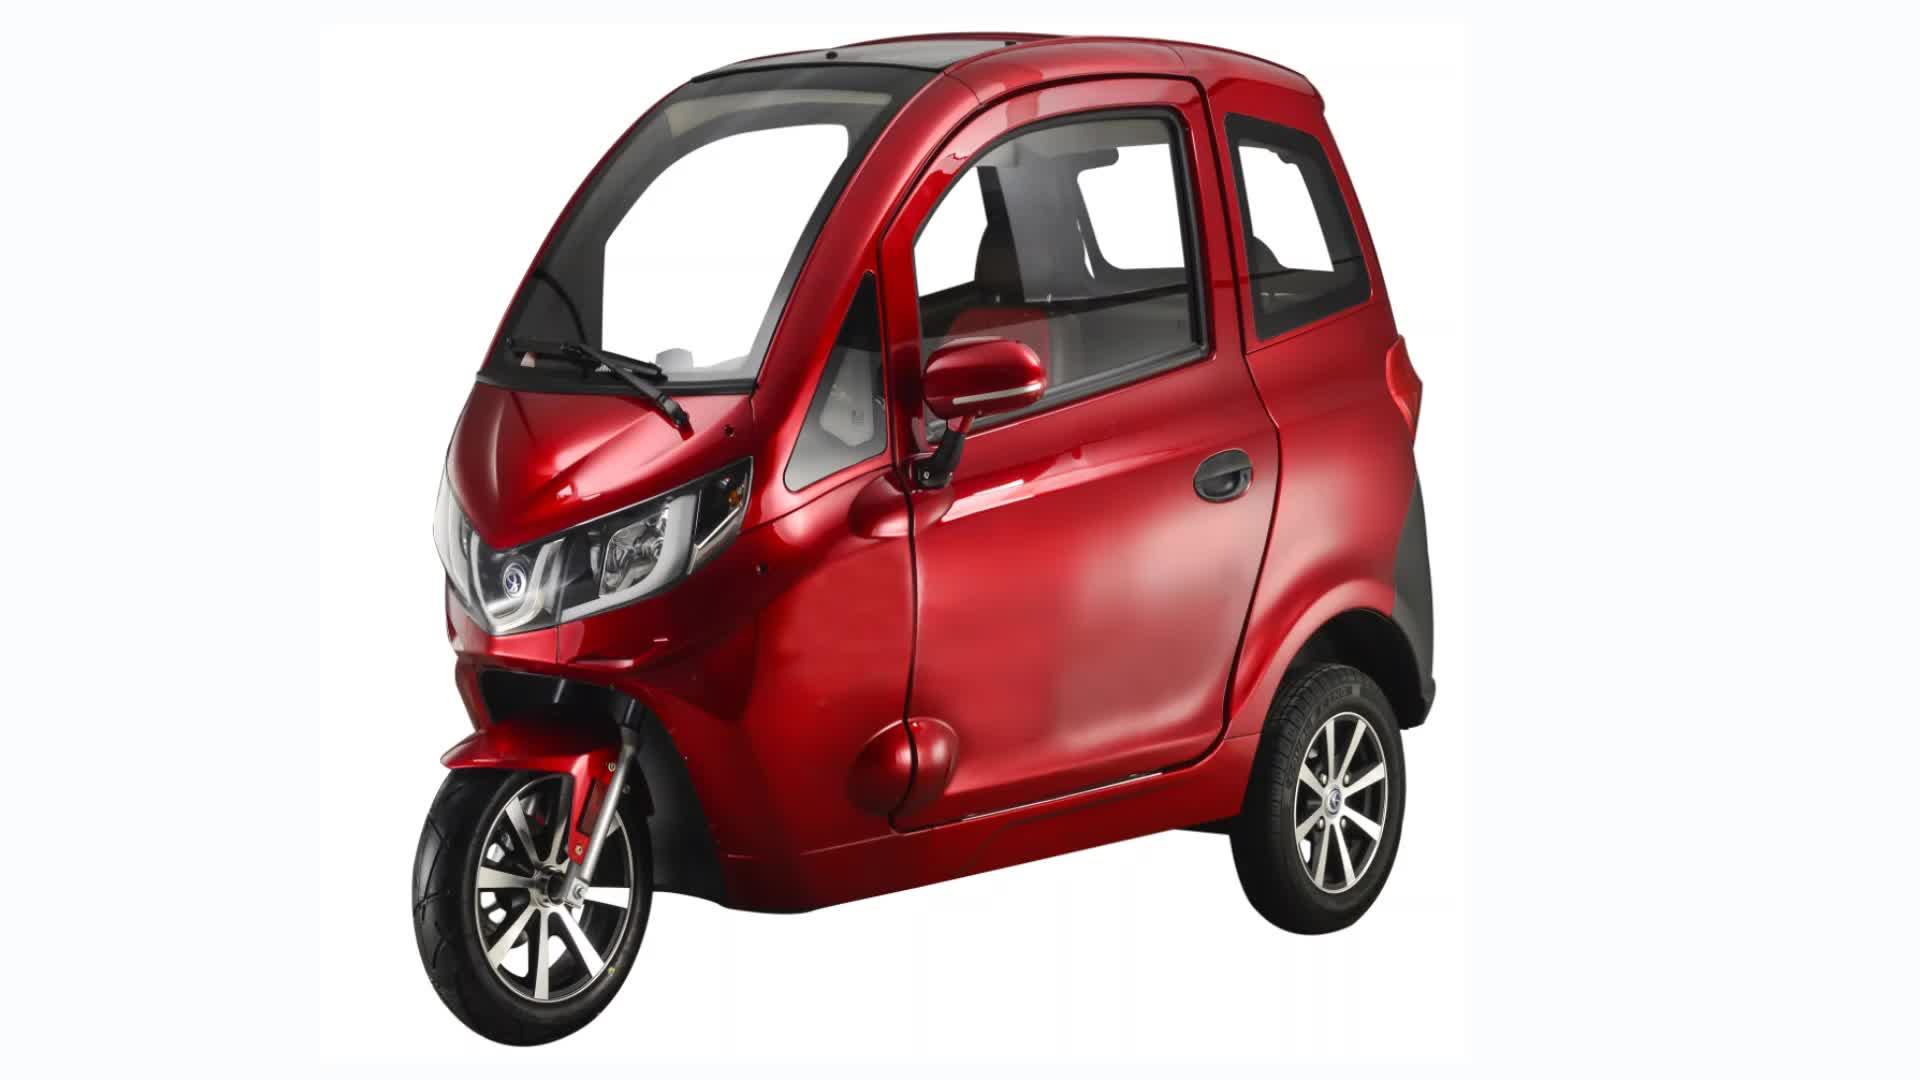 1000W elétrica 3 preço com grande roda roda triciclo para adultos